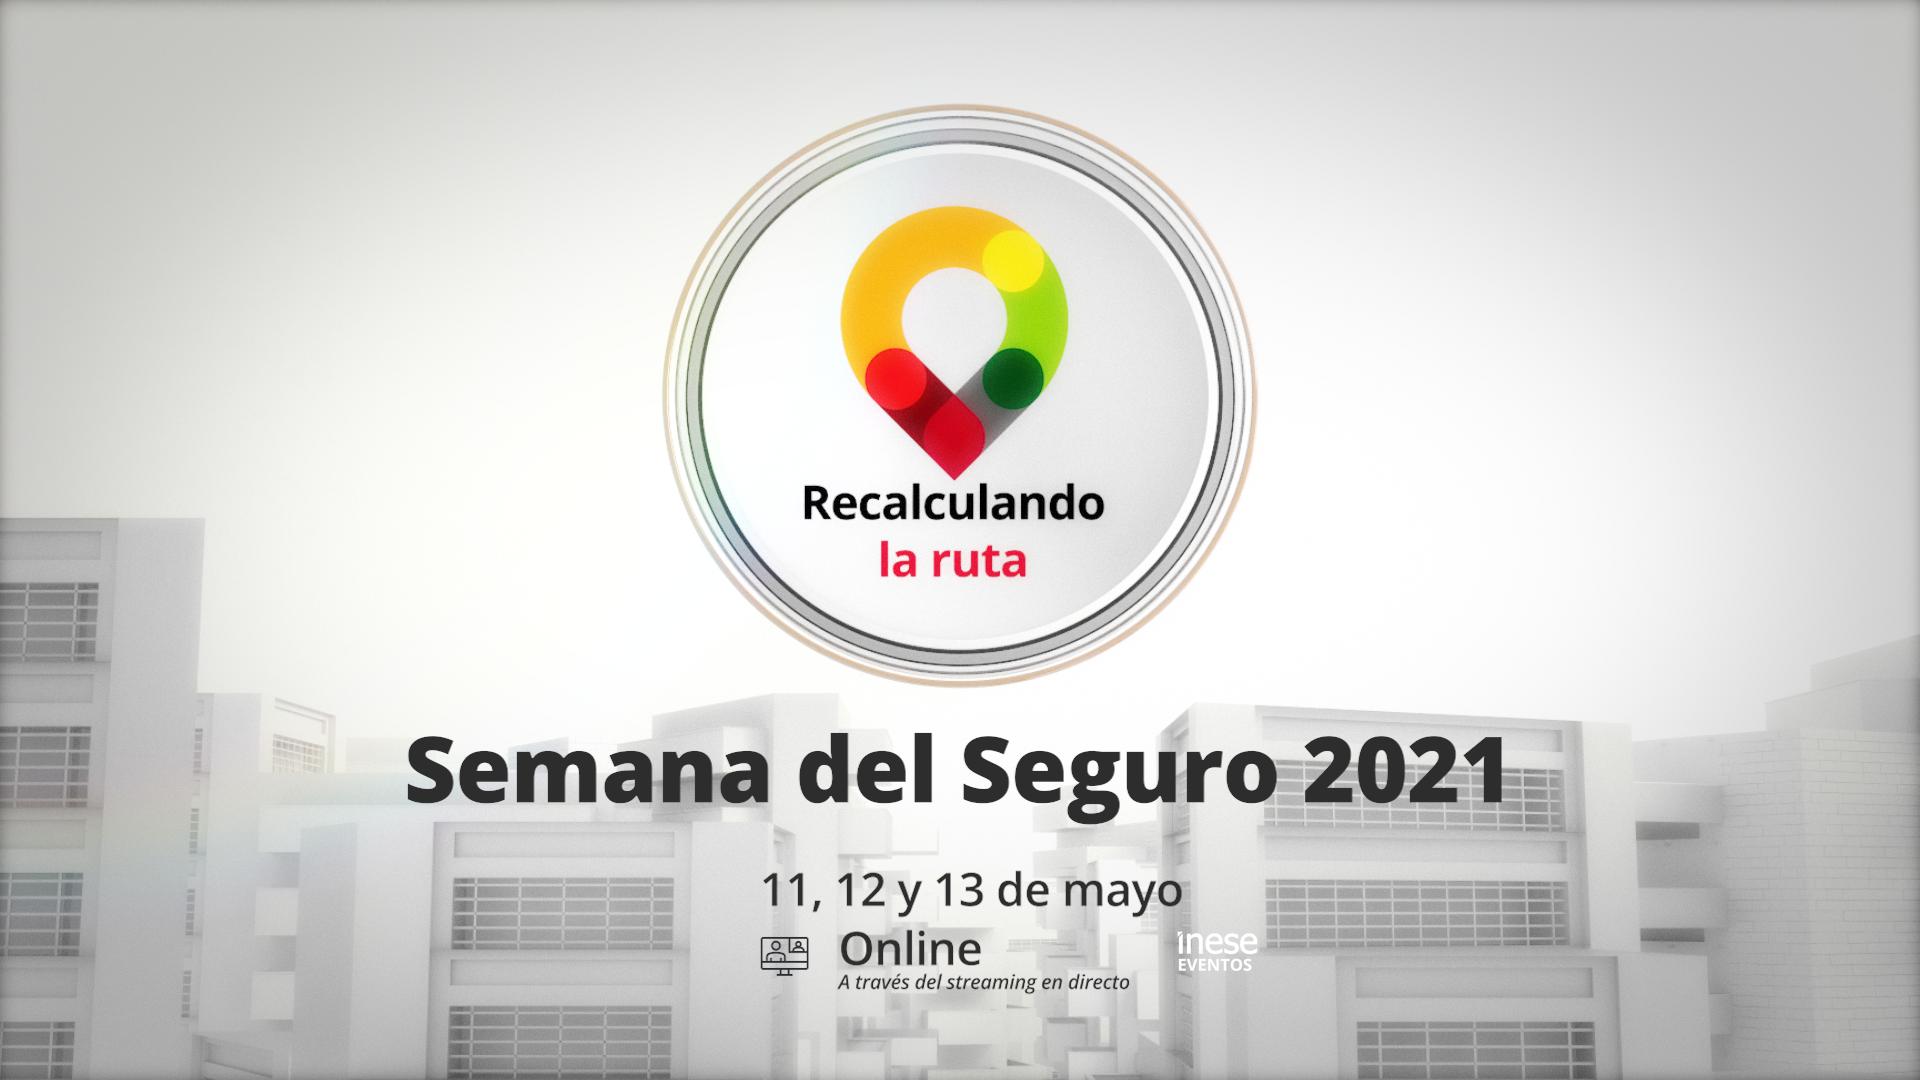 Semana del Seguro 2021